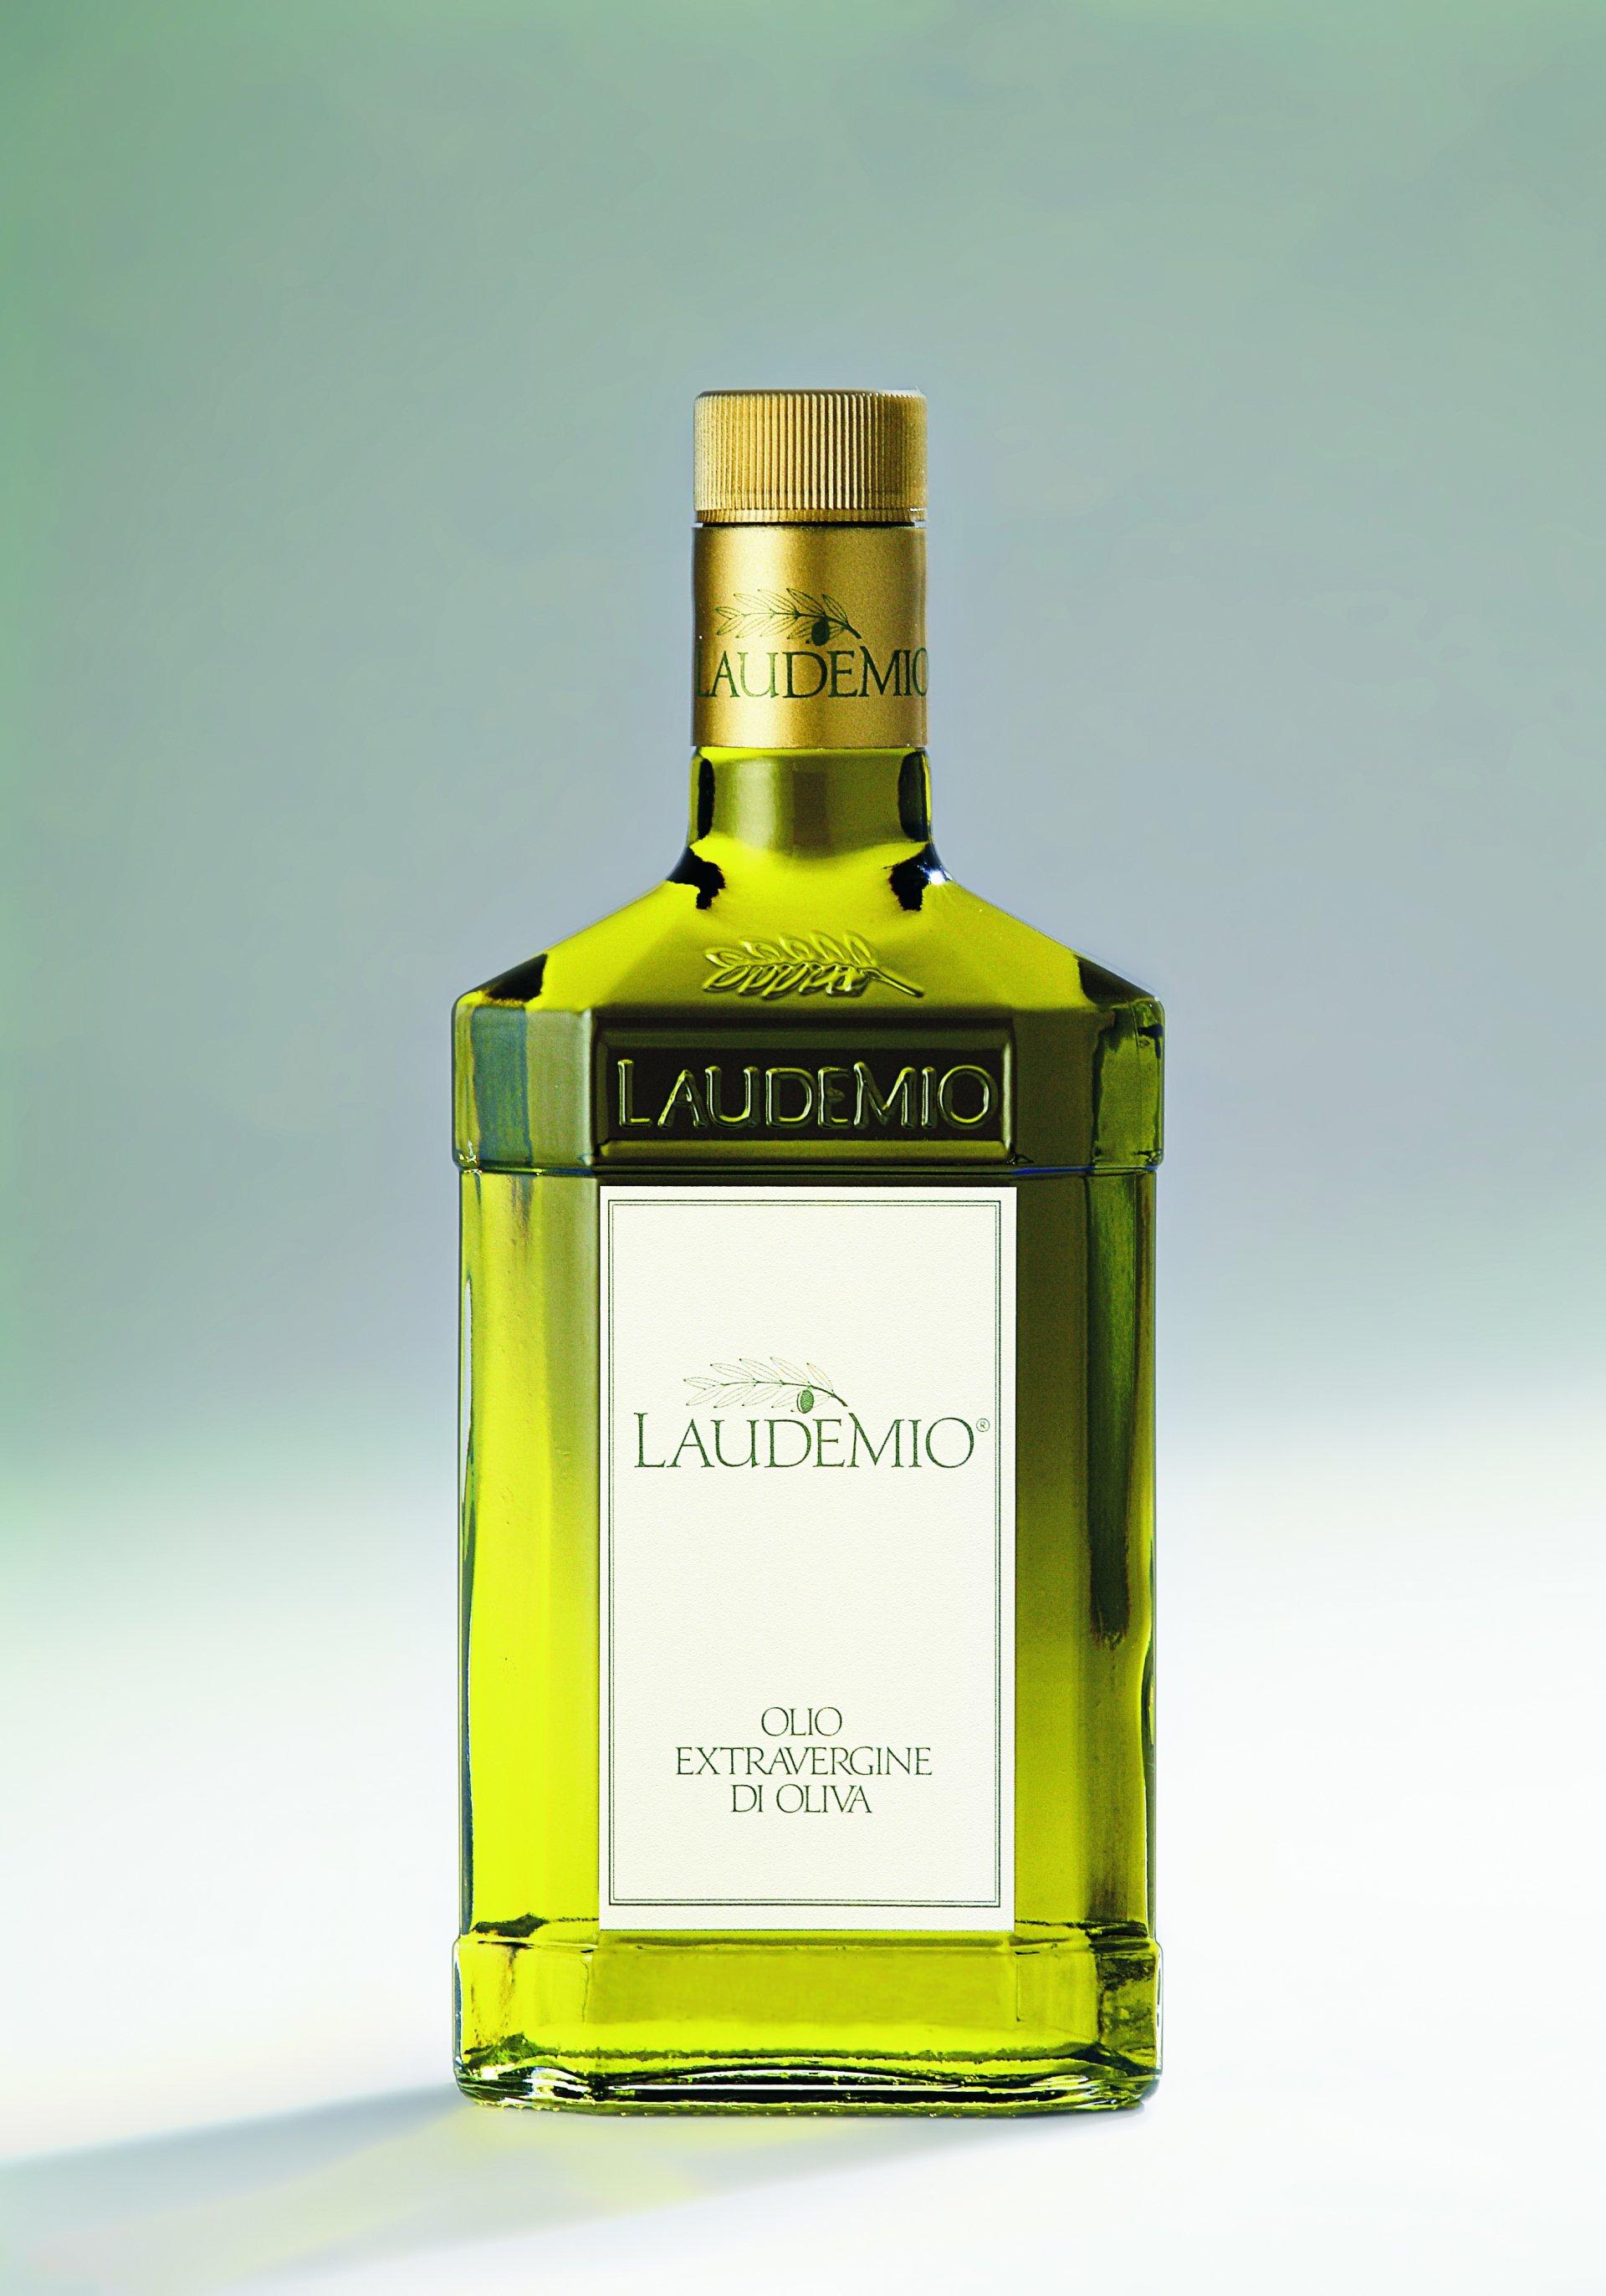 Il Premio Laudemio alla sua seconda edizione